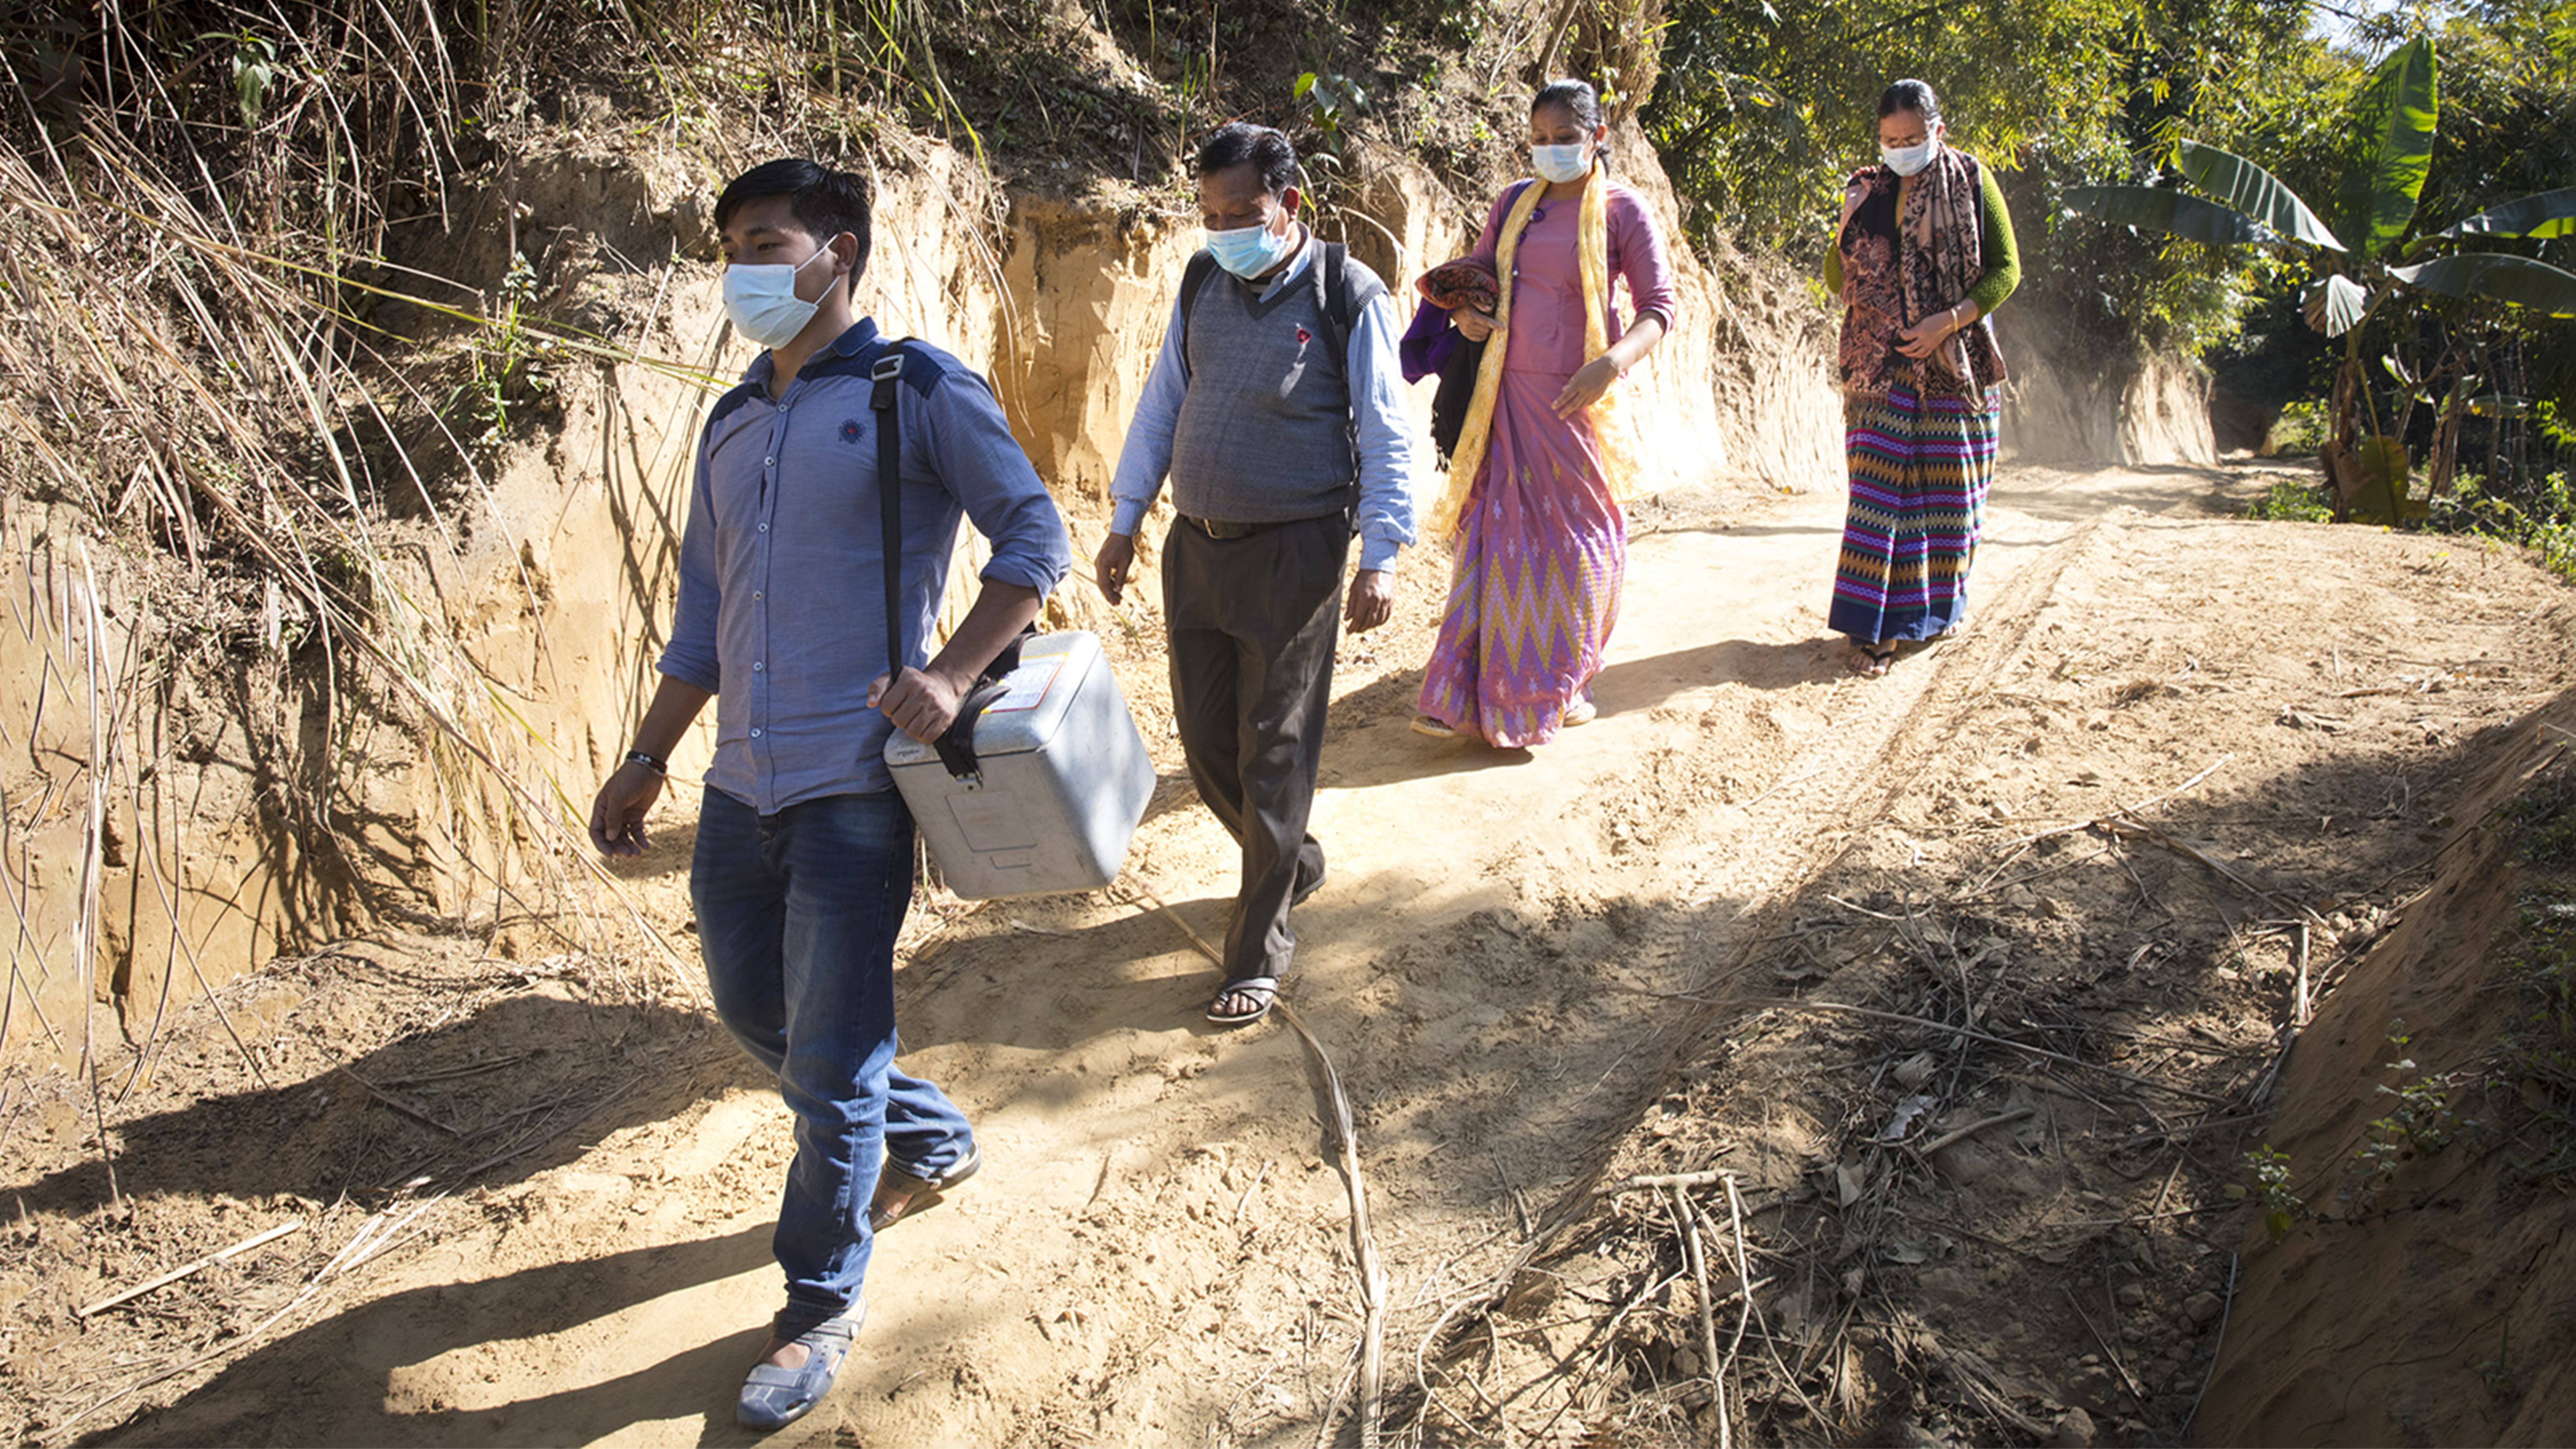 Yochingnu e il resto dello staff trasportano a piedi i vaccini nella zona di Rangamati, in Bangladesh.